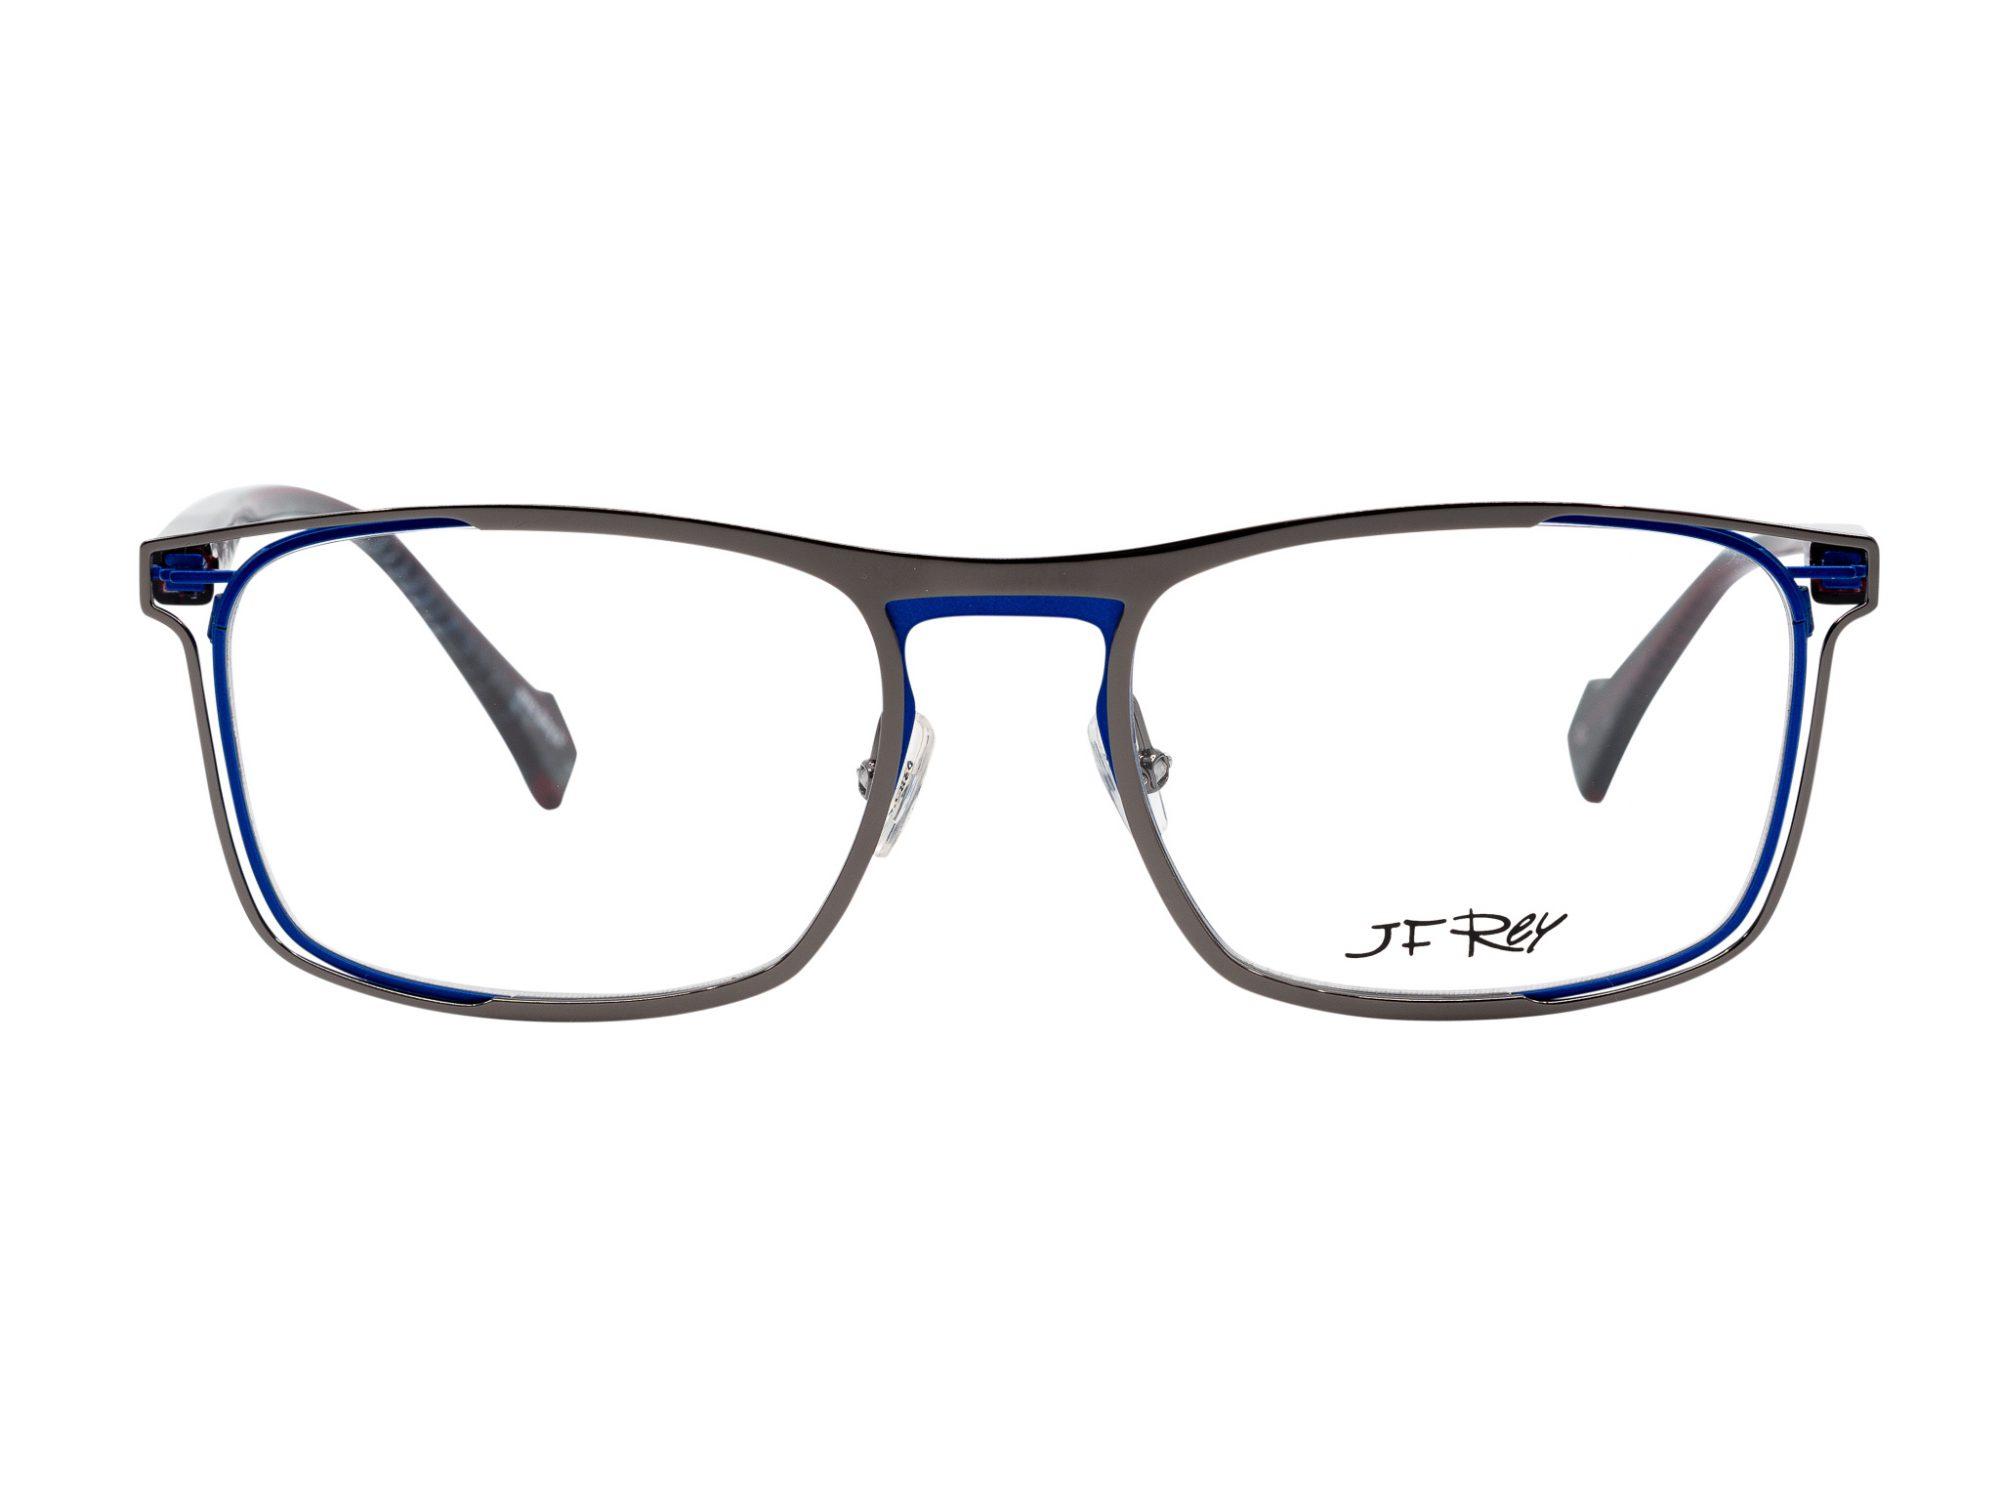 JF Rey JF2890 0520